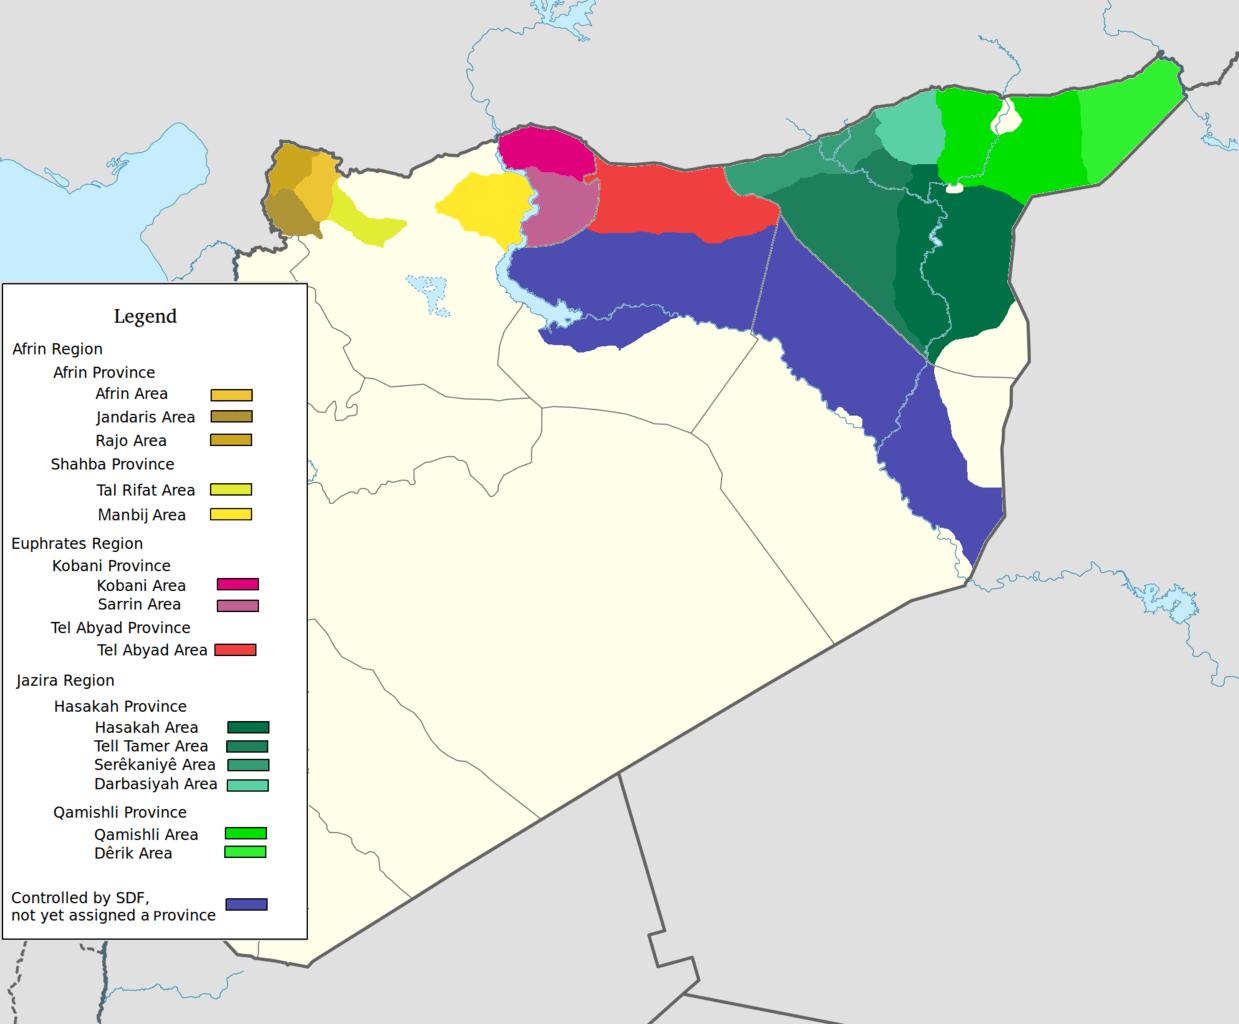 Oriente Proximo cantones kurdos siria